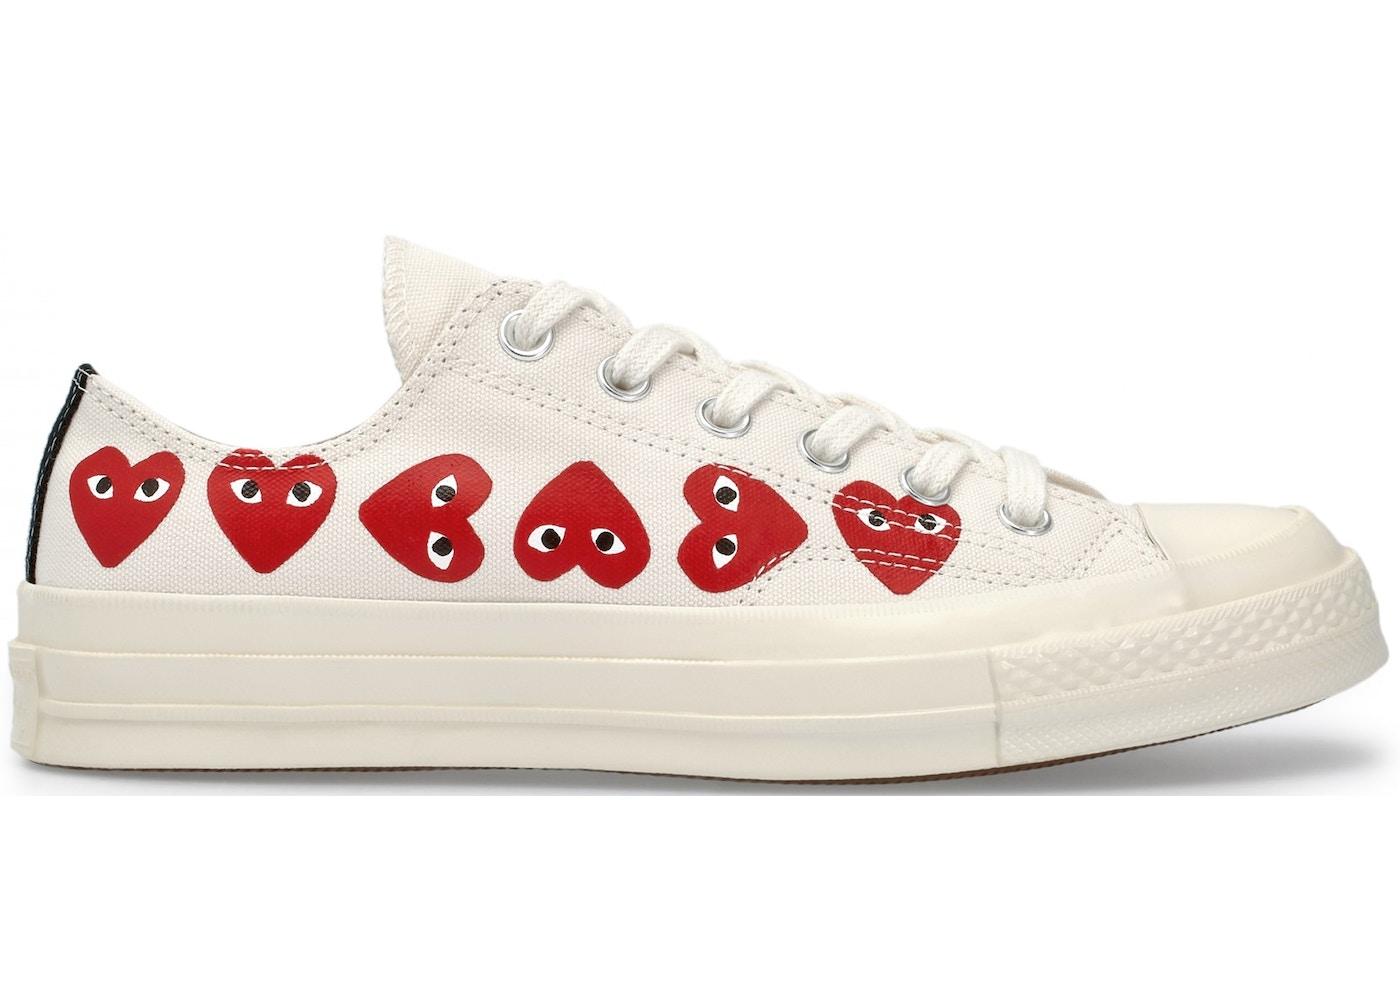 Converse Footwear - Buy Deadstock Sneakers c79e8c3031